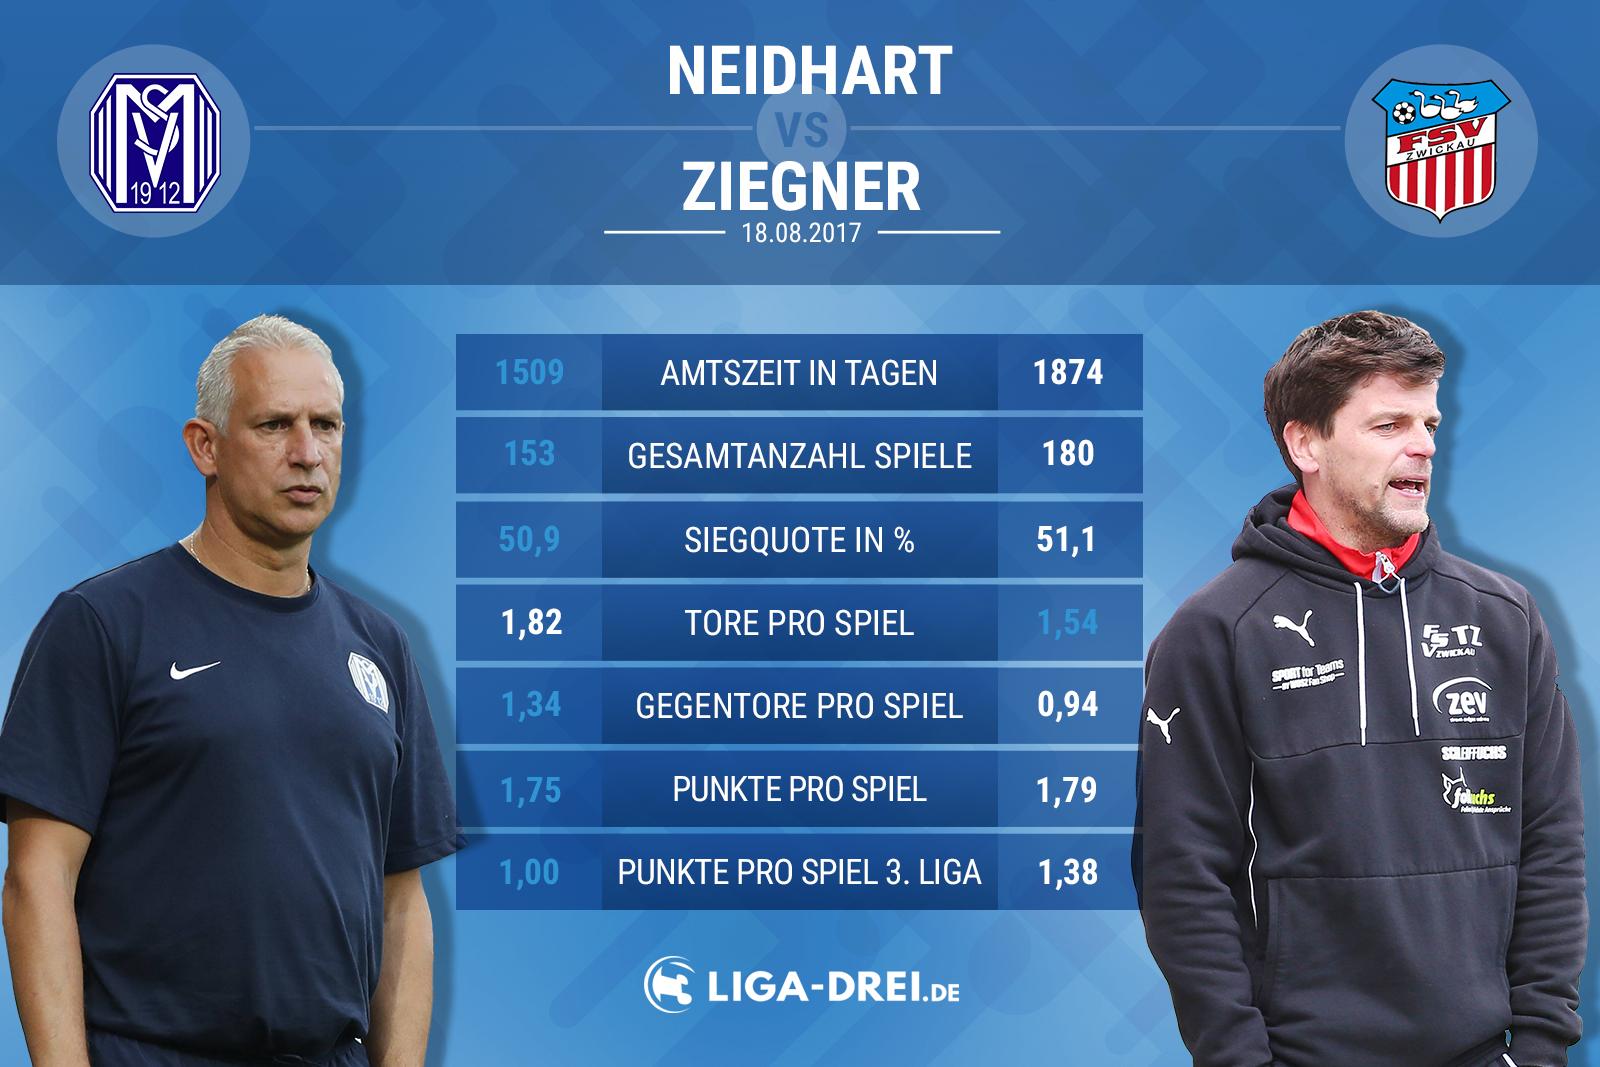 Trainervergleich zwischen Neidhart (Meppen) und Ziegner (Zwickau)